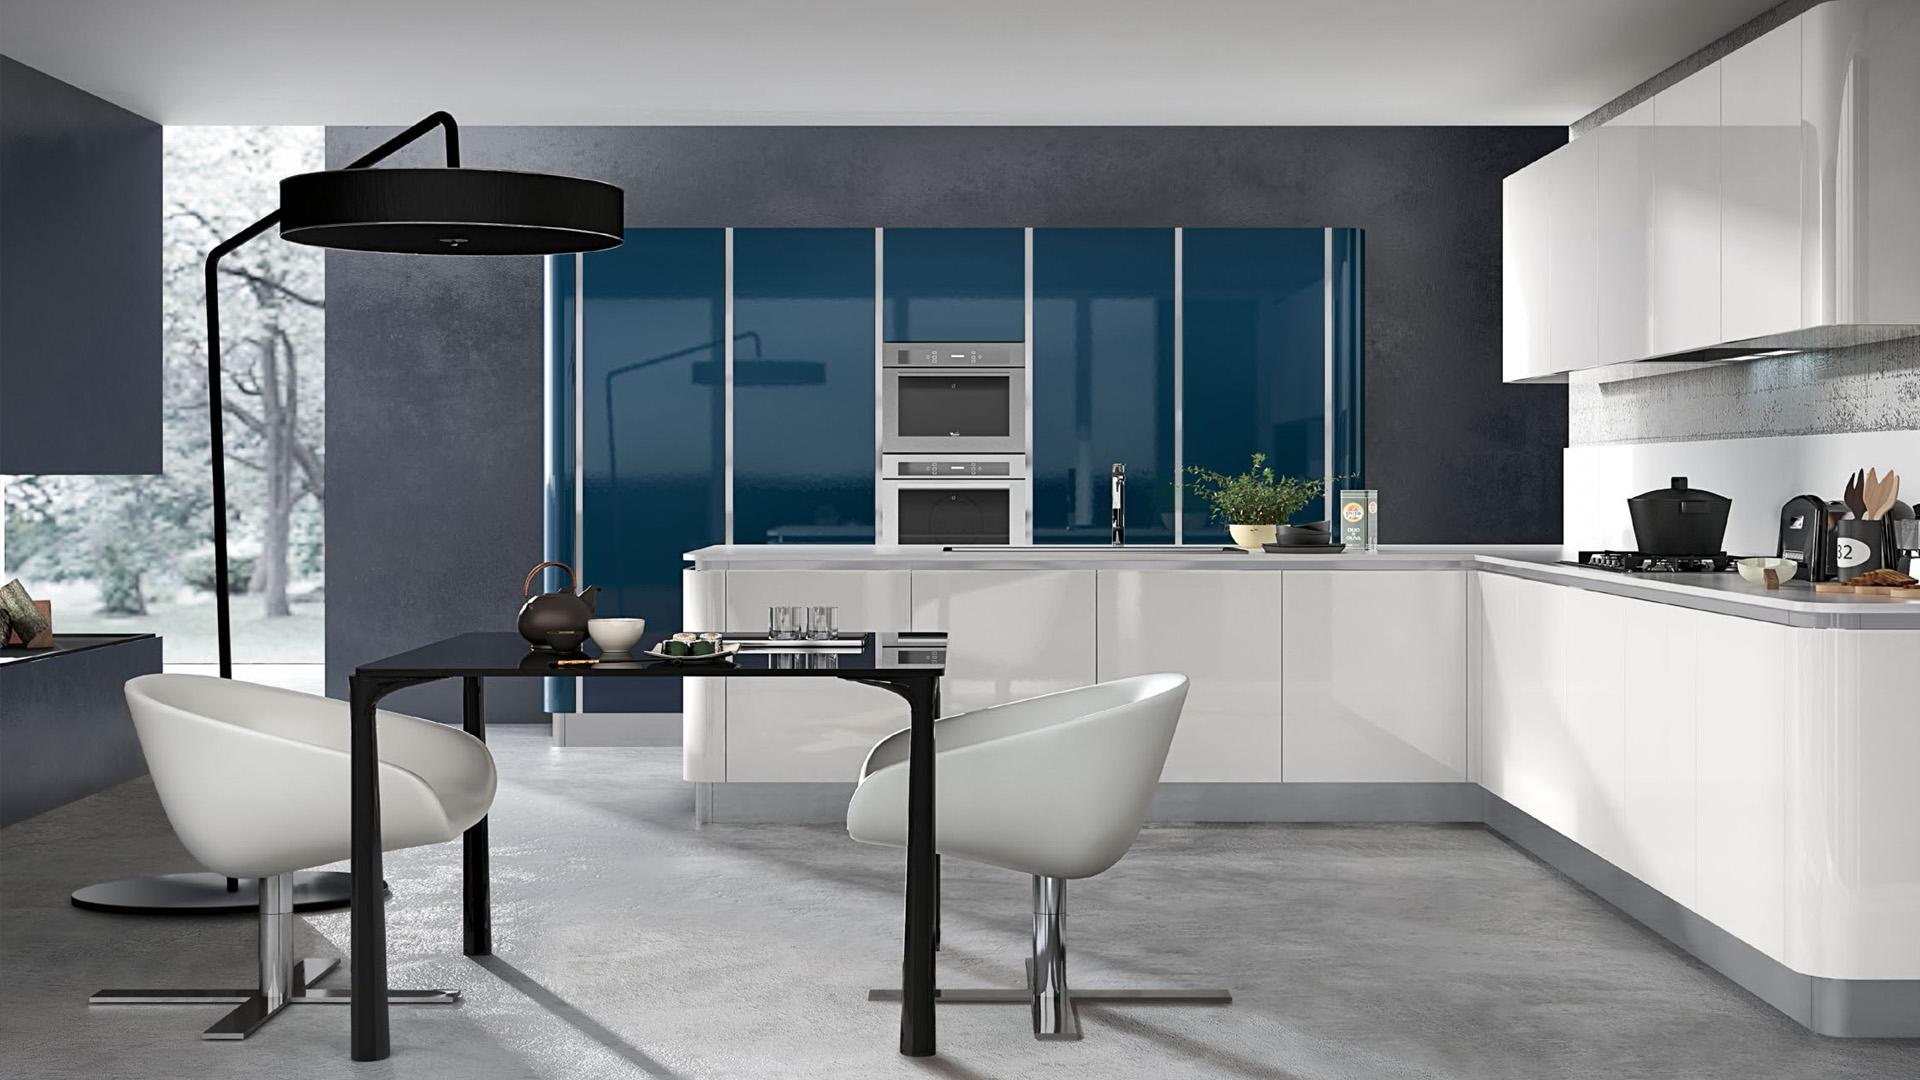 Logiciel Pour Conception Cuisine conception de cuisine marseille, aménagement salle de bain